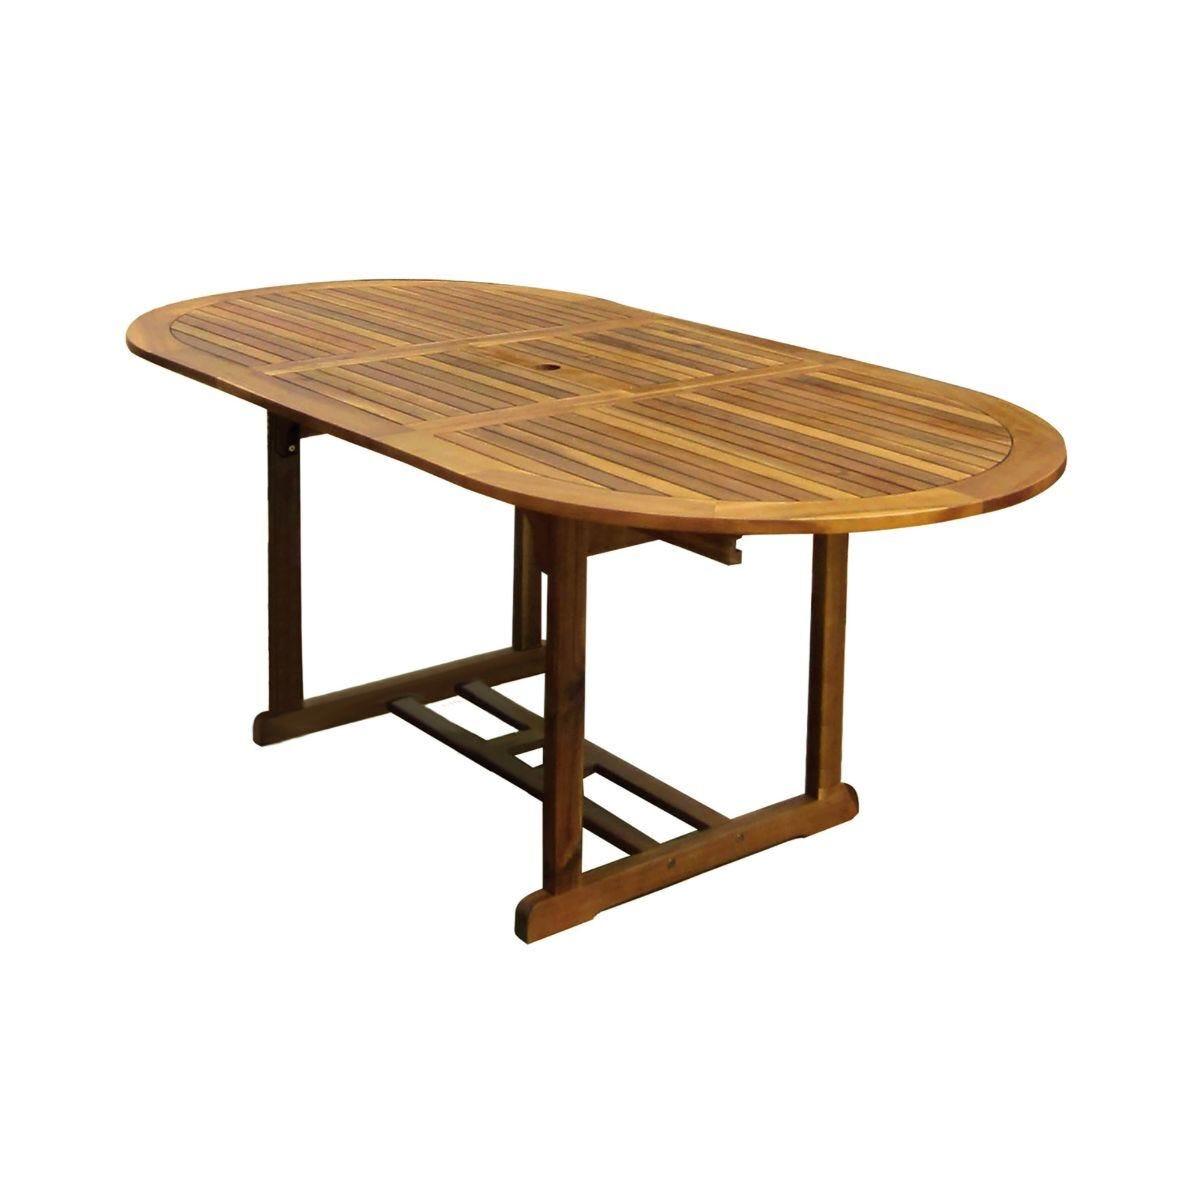 Charles Bentley Hardwood Oval Table